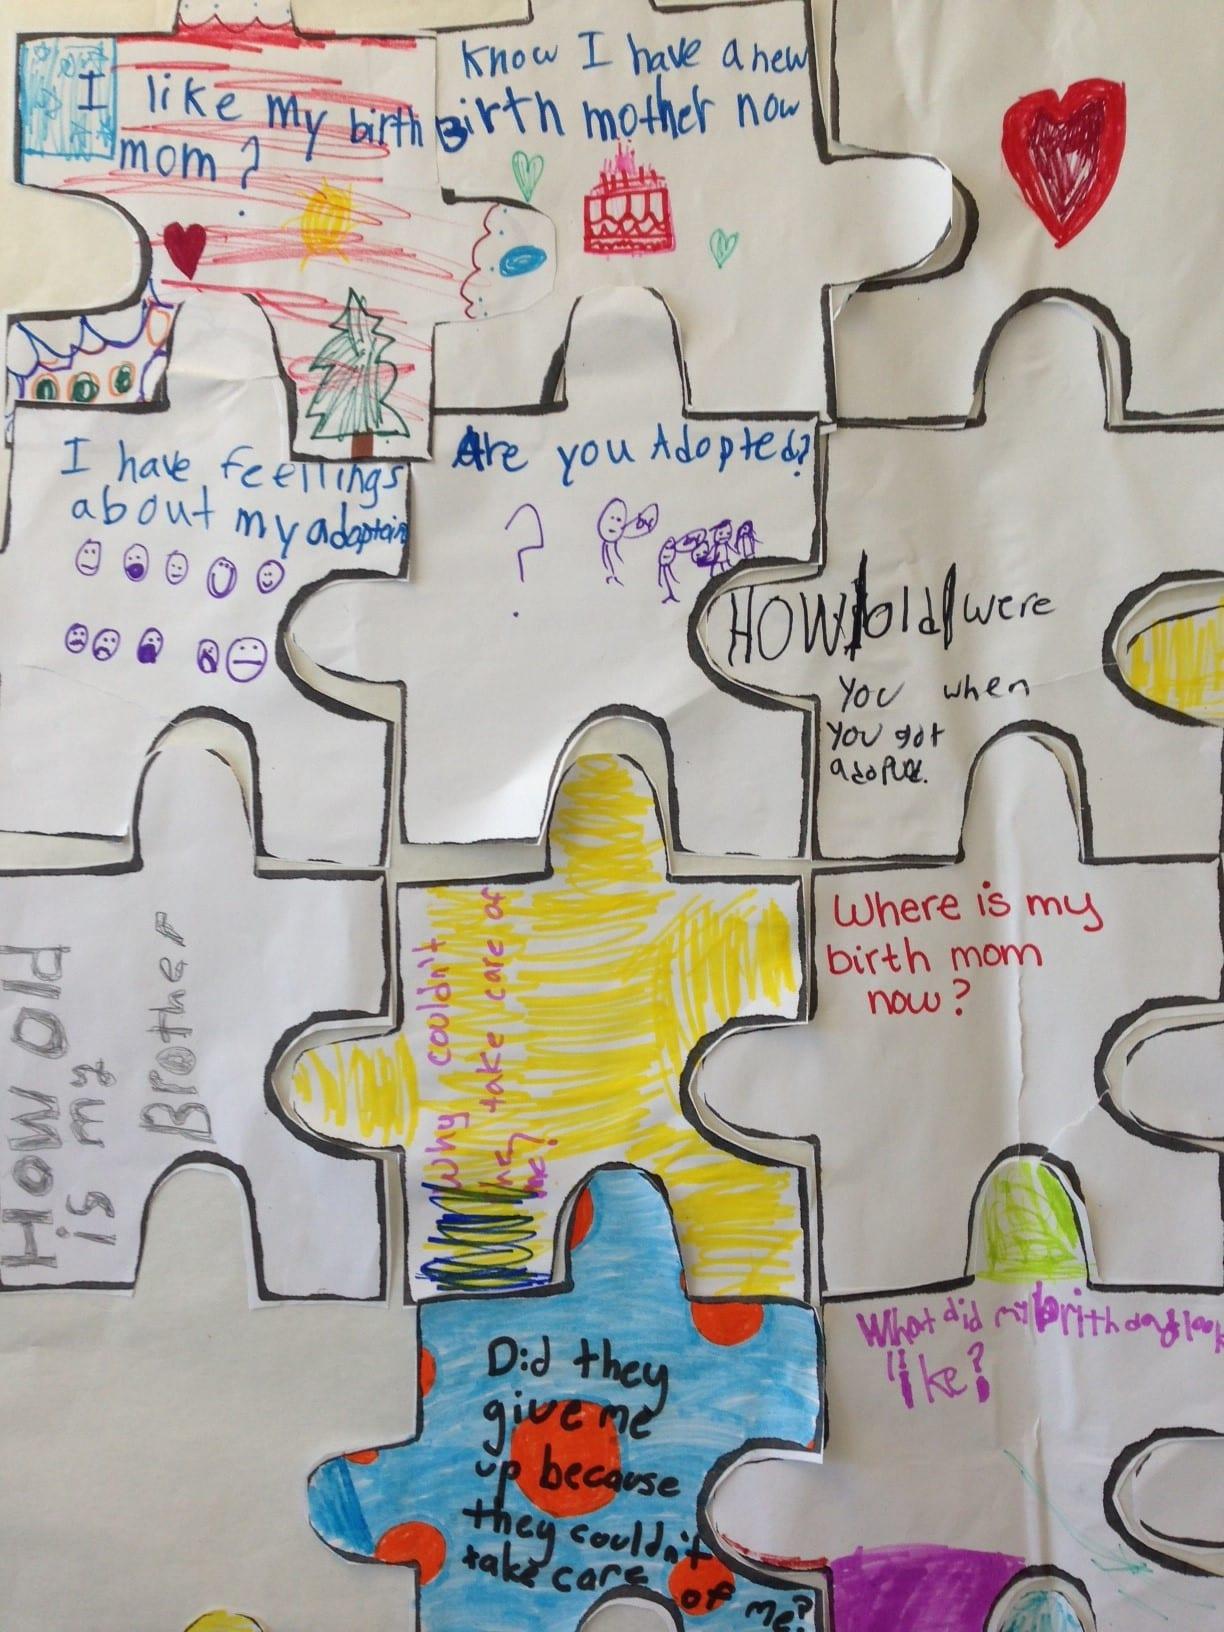 Child Teen Groups C A S E Nurture Inspire Empower